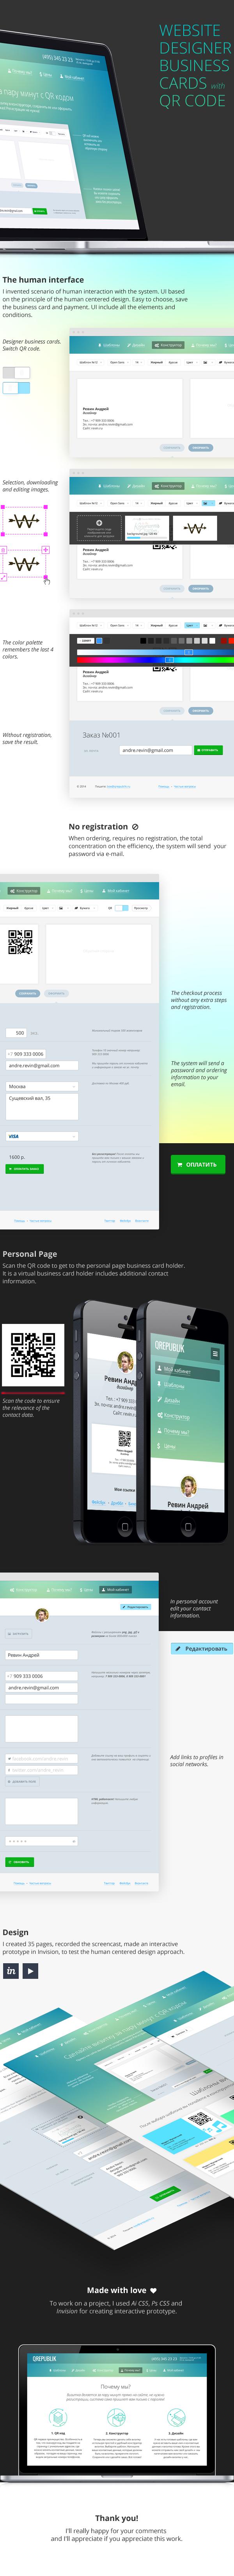 Website,QR Code,designer business card,UI,ux,human interface